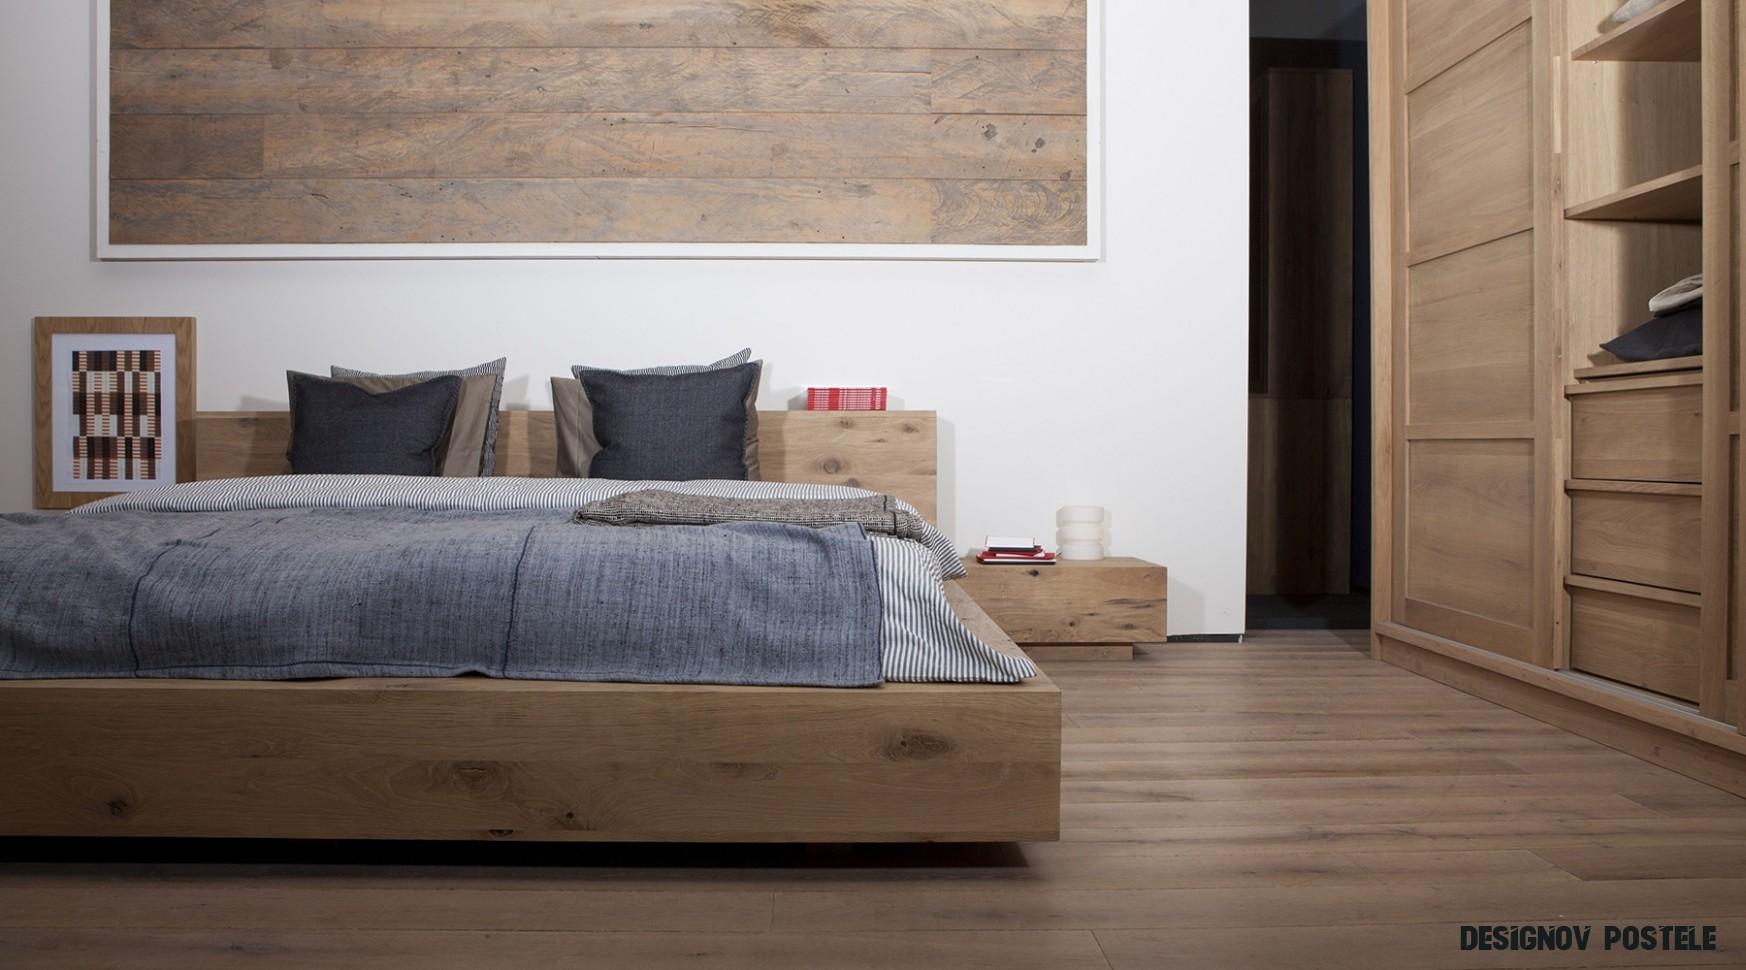 Designové postele Madra Bed  Designové postele ◼ Designpropaganda